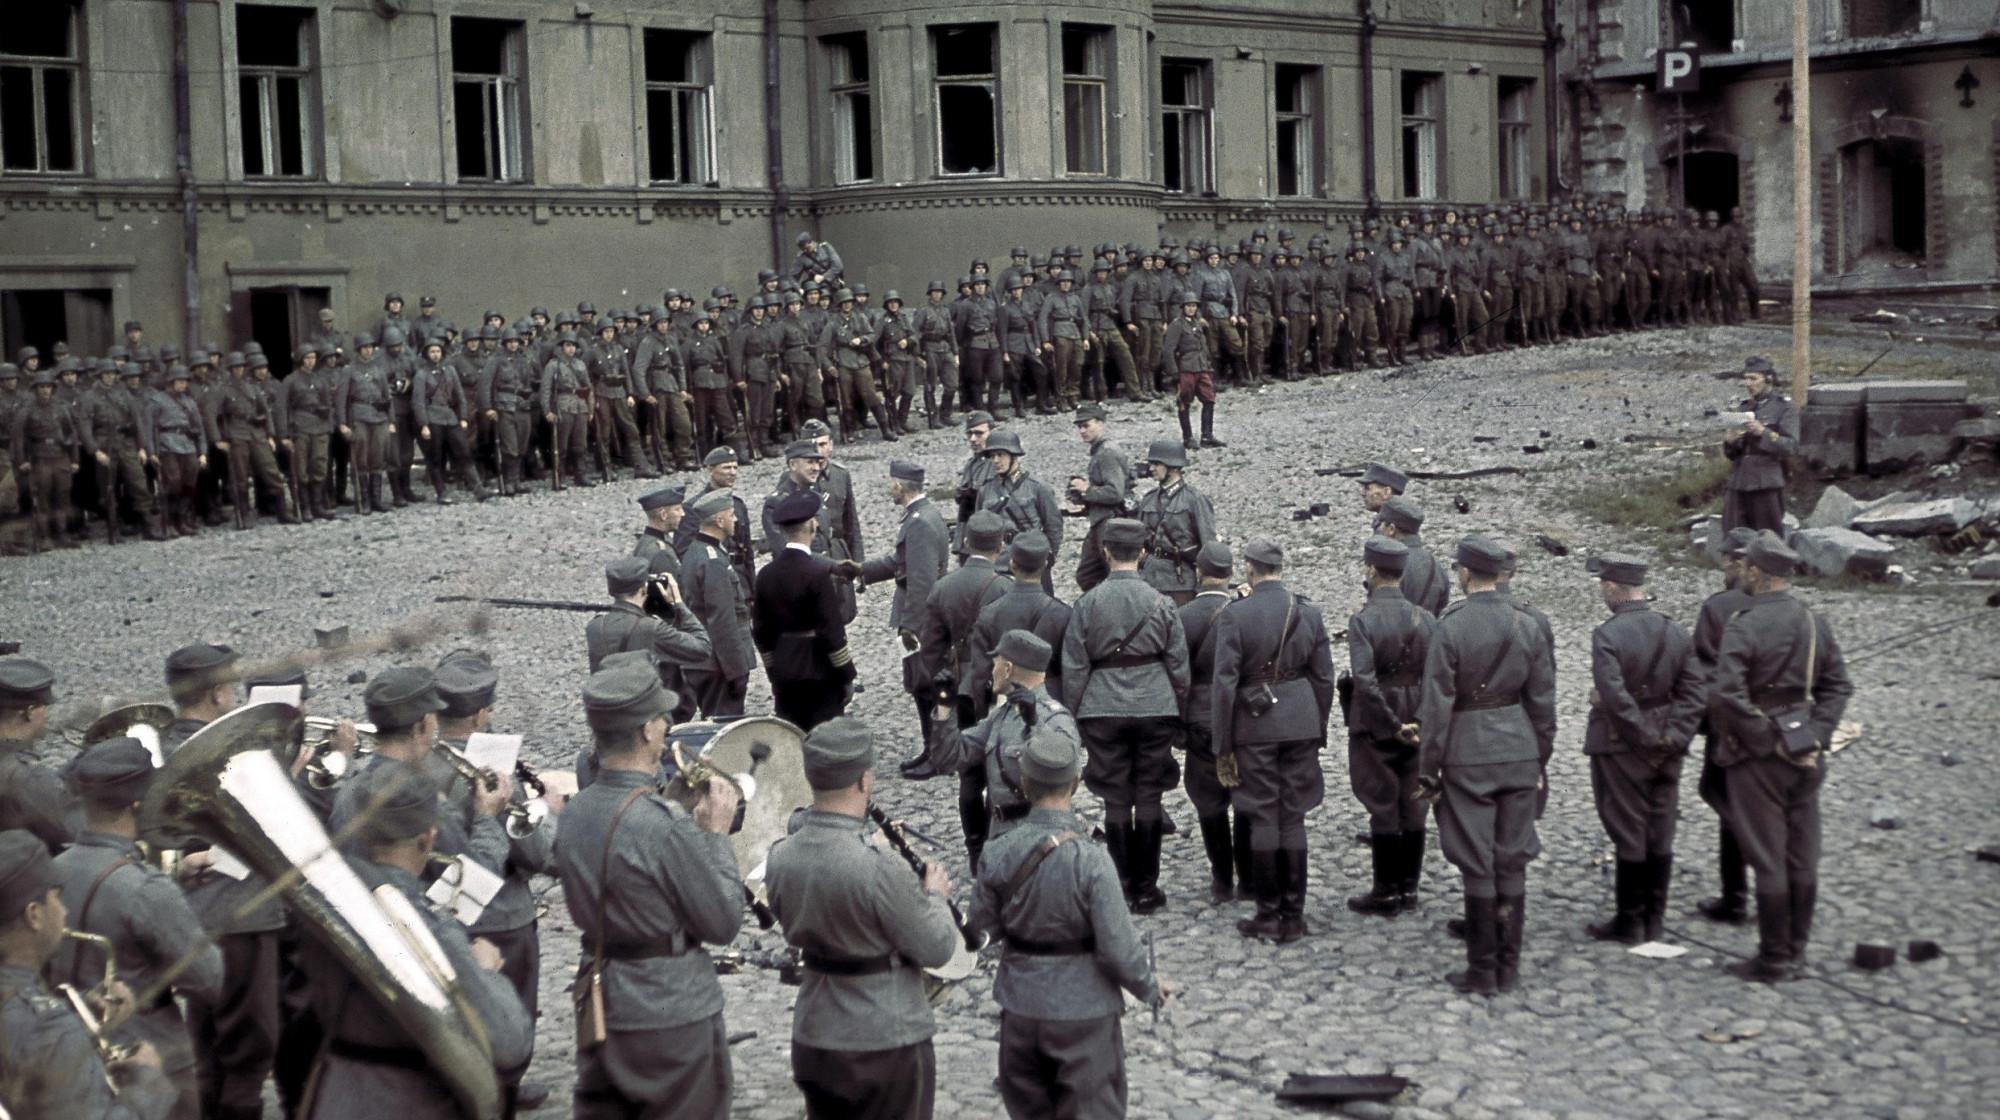 趁虚而入重夺失地,二战彩色老照片中芬兰重夺维堡后的阅兵